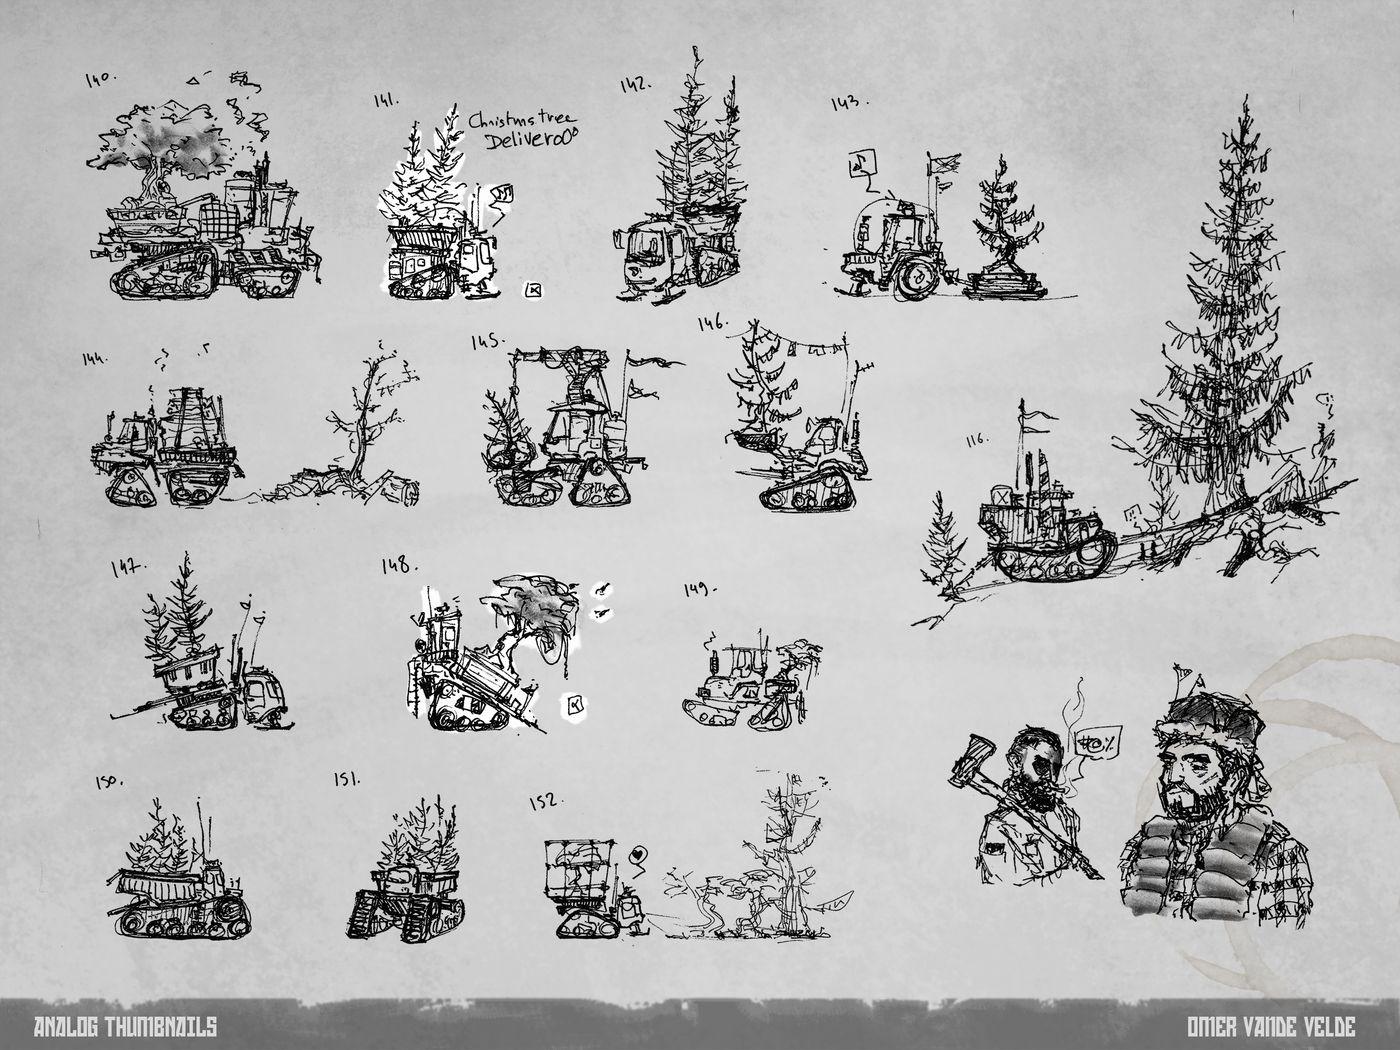 7 Lumberjack Analog Thumbnails Omervandevelde